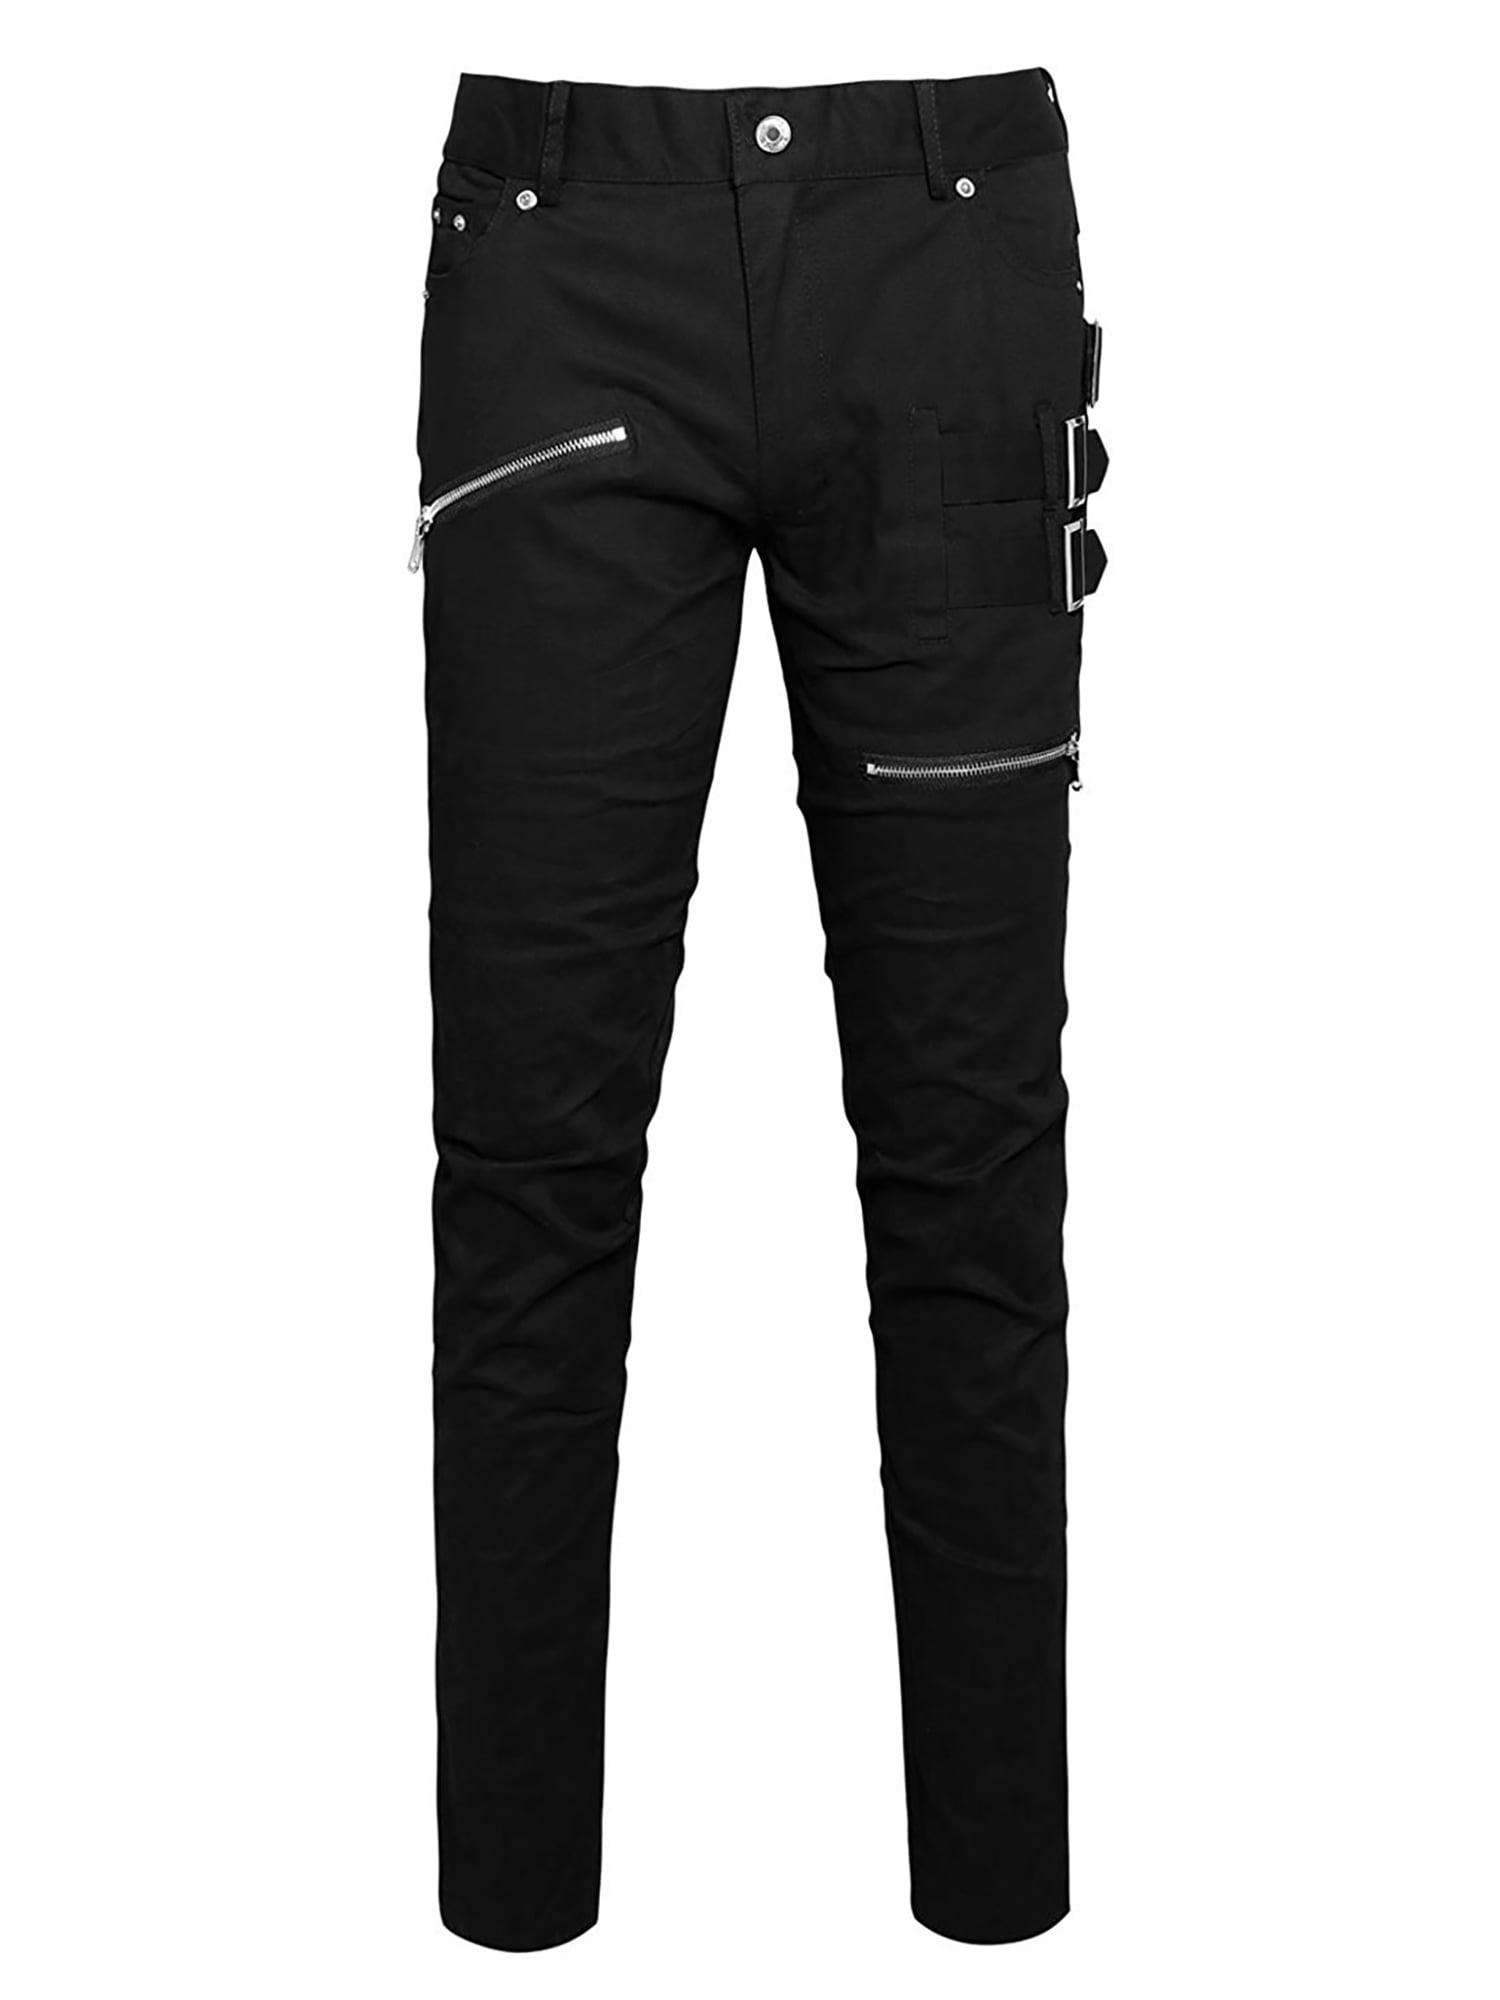 Men Zipper Buckle Decor Mid Rise Button Closure Casual Pants